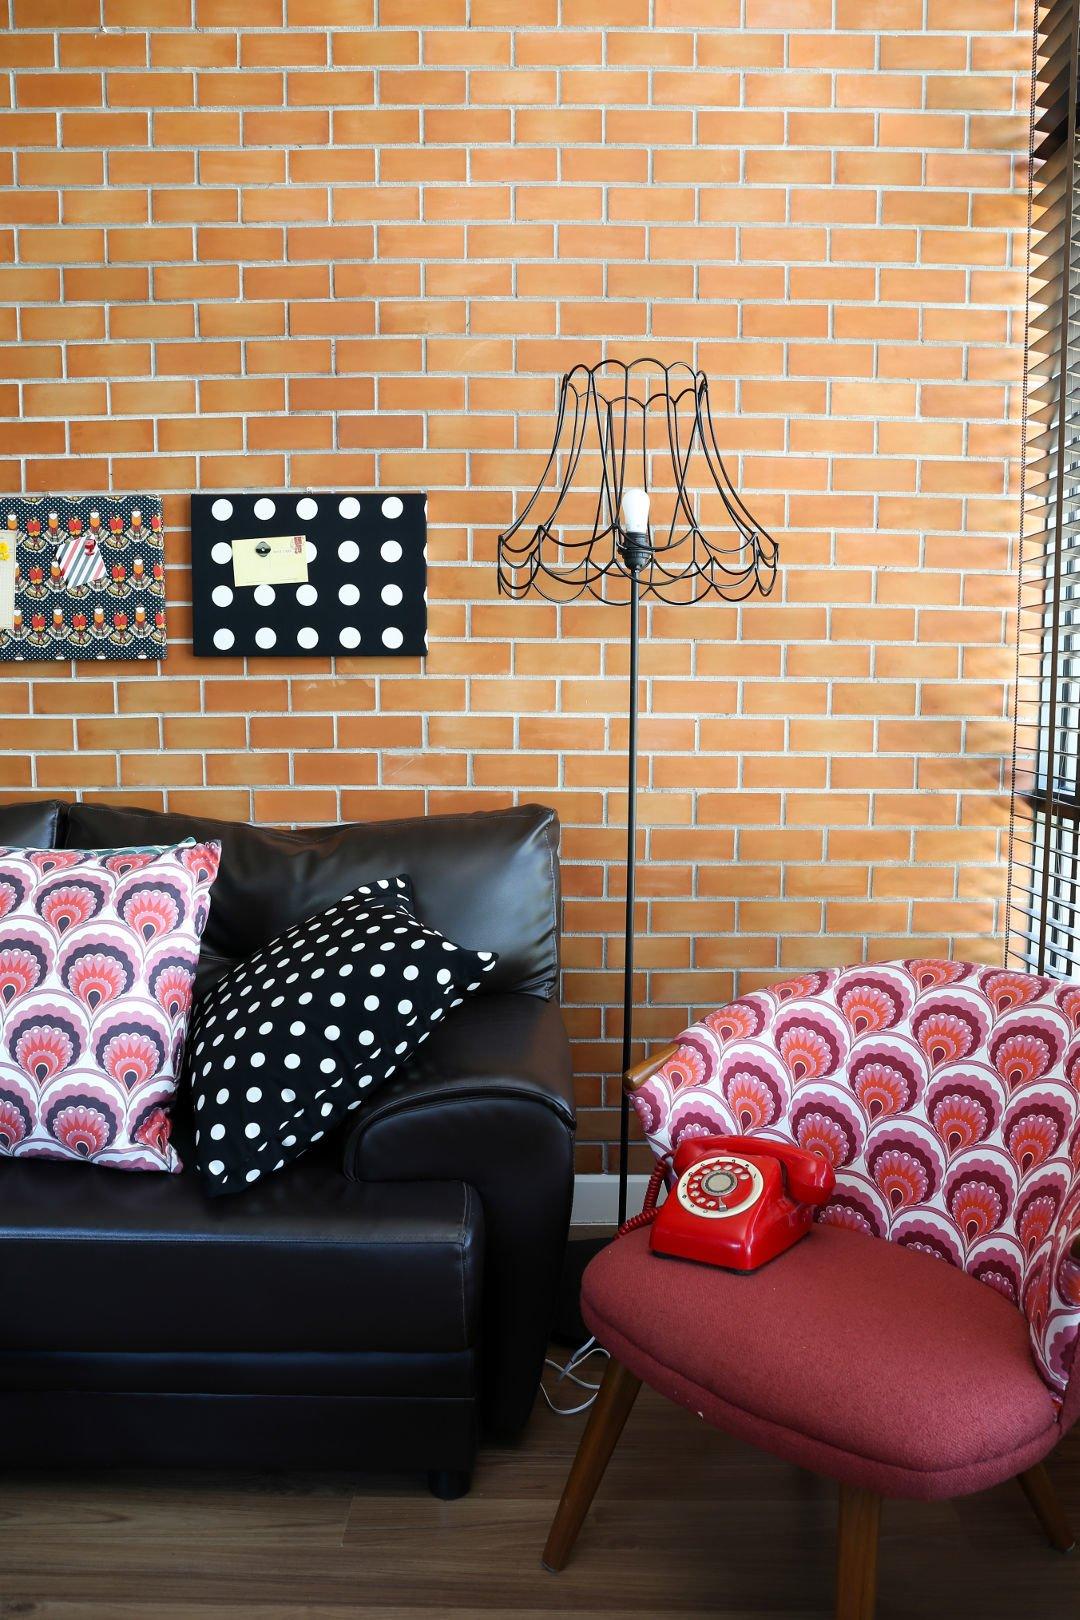 Kolory Do Salonu, styl loftowy, kolorowy fotel, deseń, czerwony telefon